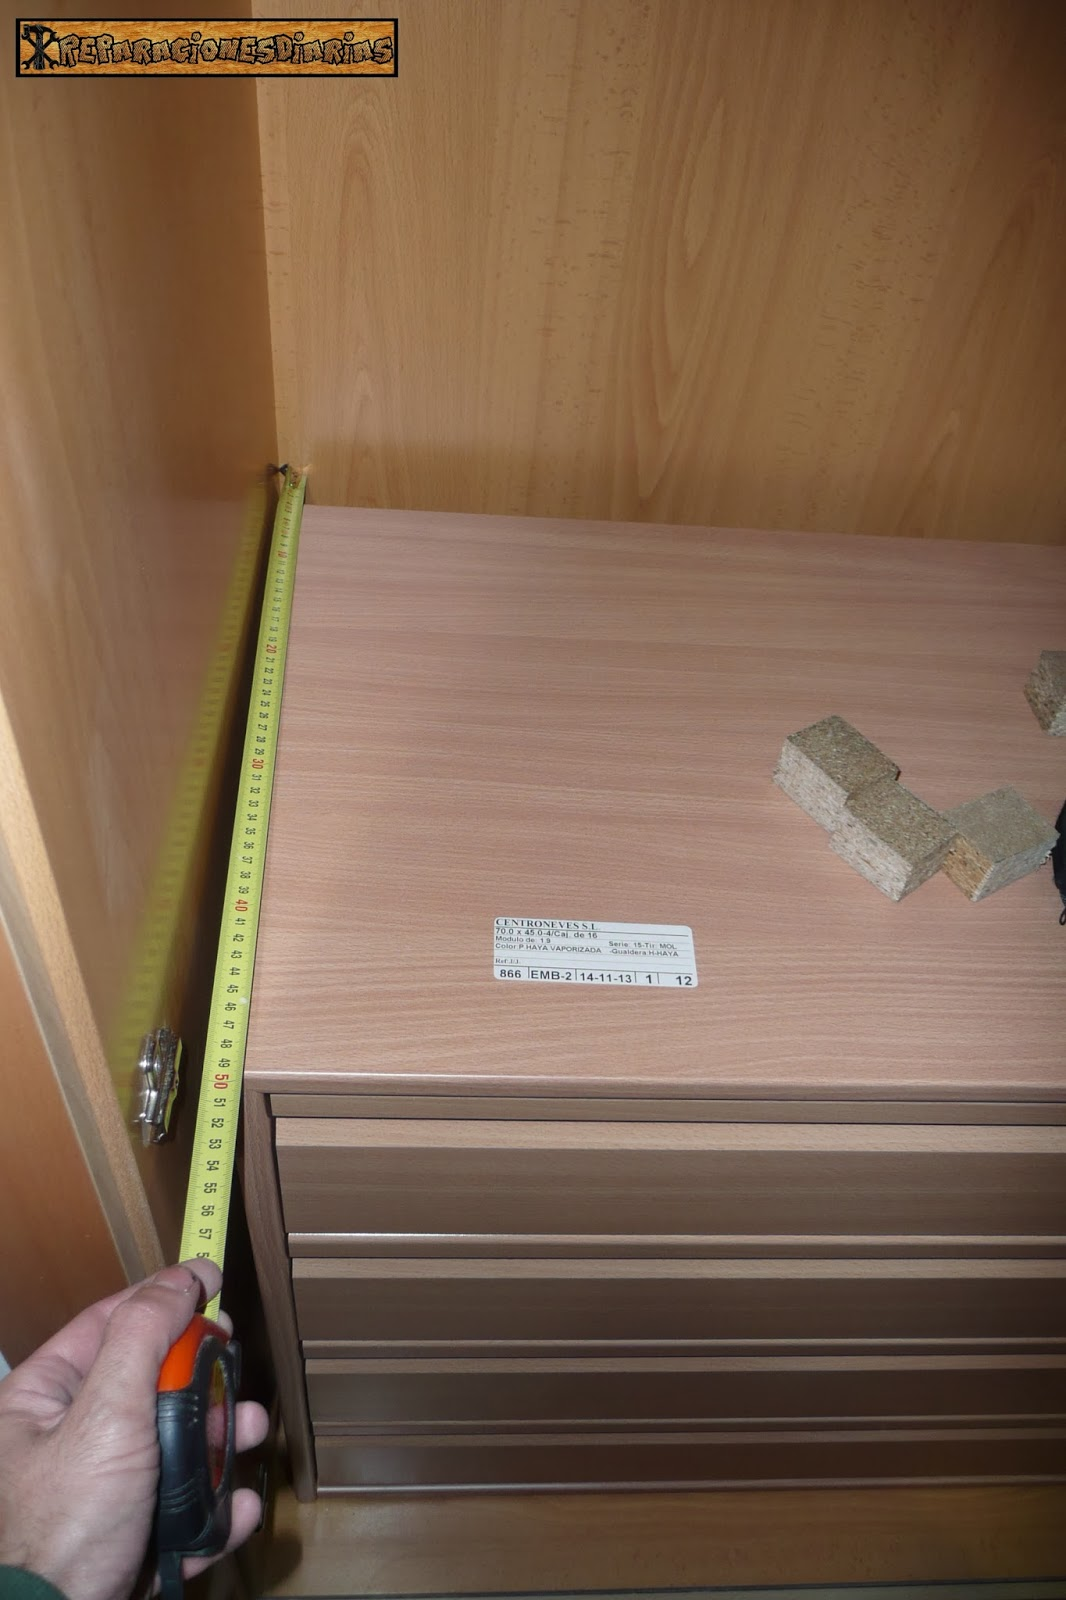 Reparacionesdiarias instalar unas cajoneras en los armarios - Cajoneras de armarios ...